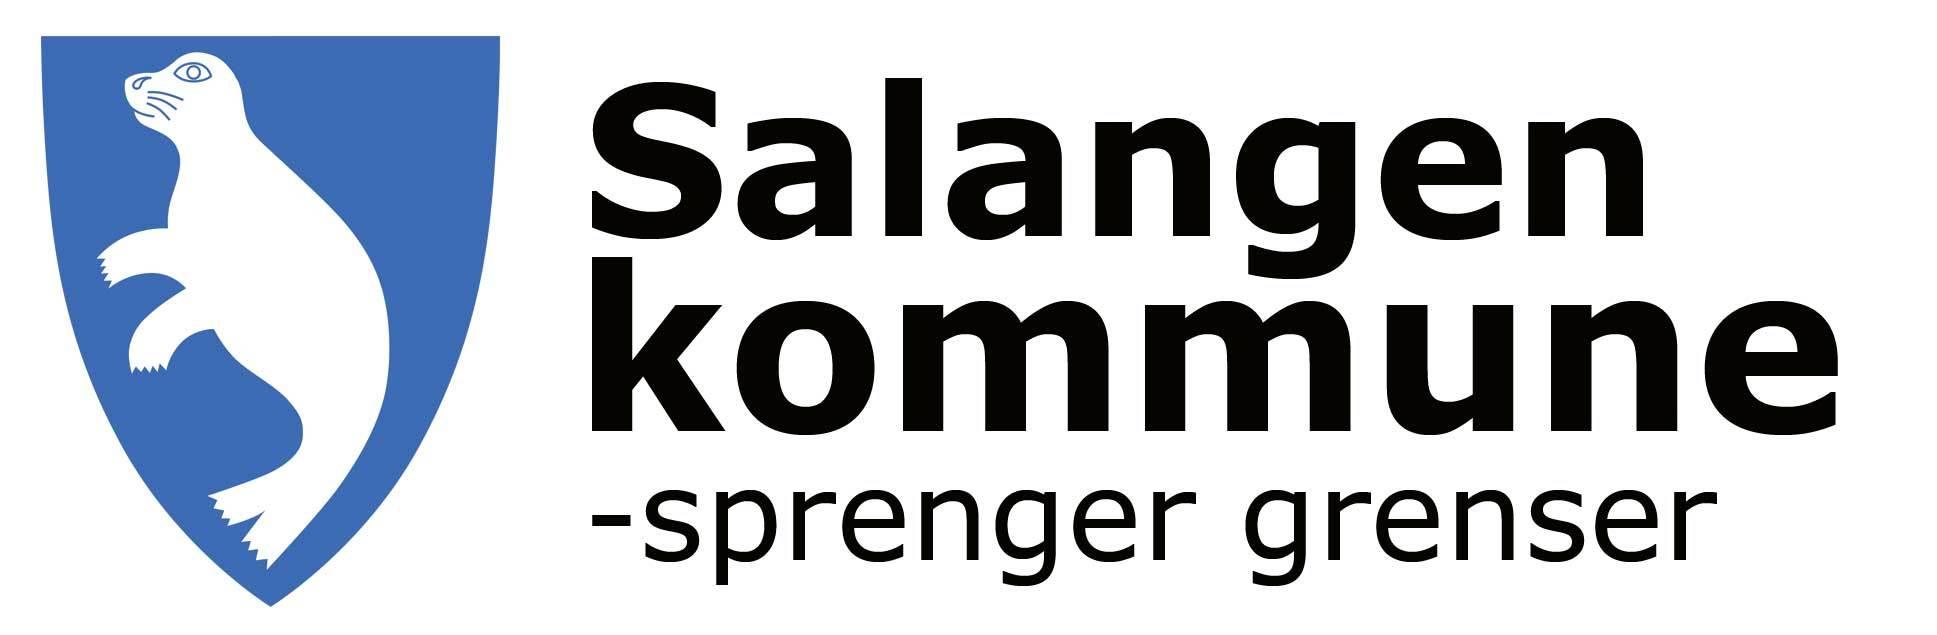 Salangen-kommunevaapen-navn-visjond.jpg